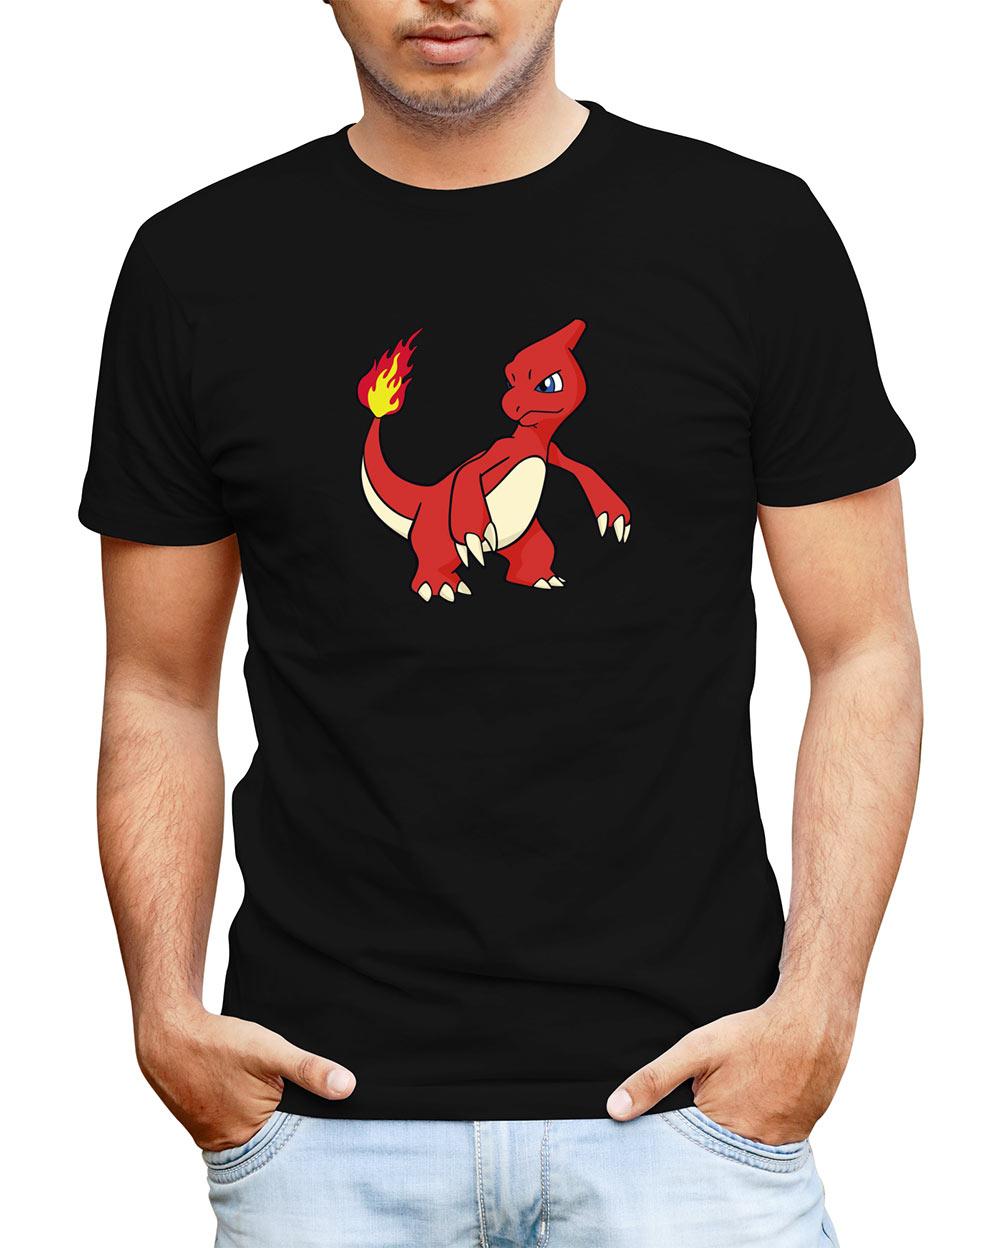 Camiseta Pokémon Charmeleon